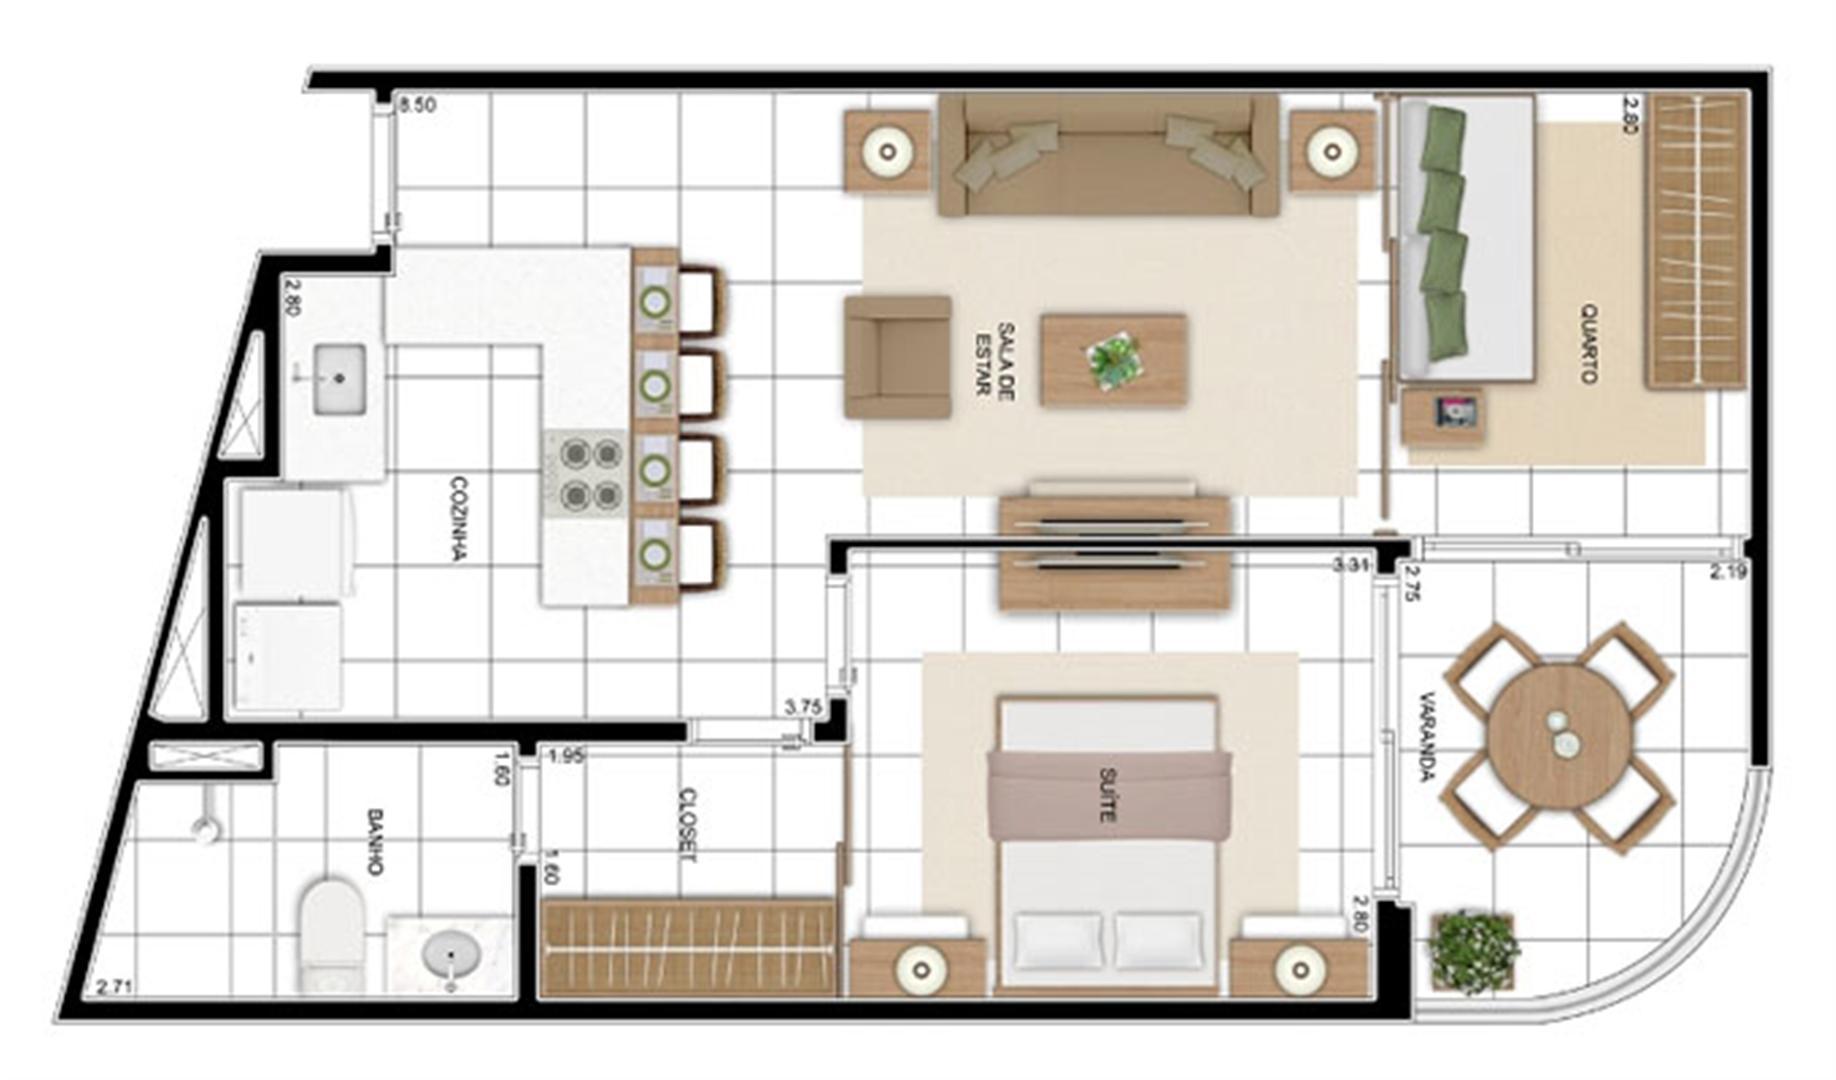 PLANTA - APTO TIPO C1 - 57 m²  | In Mare Bali – Apartamento no  Distrito Litoral de Cotovelo - Parnamirim - Rio Grande do Norte